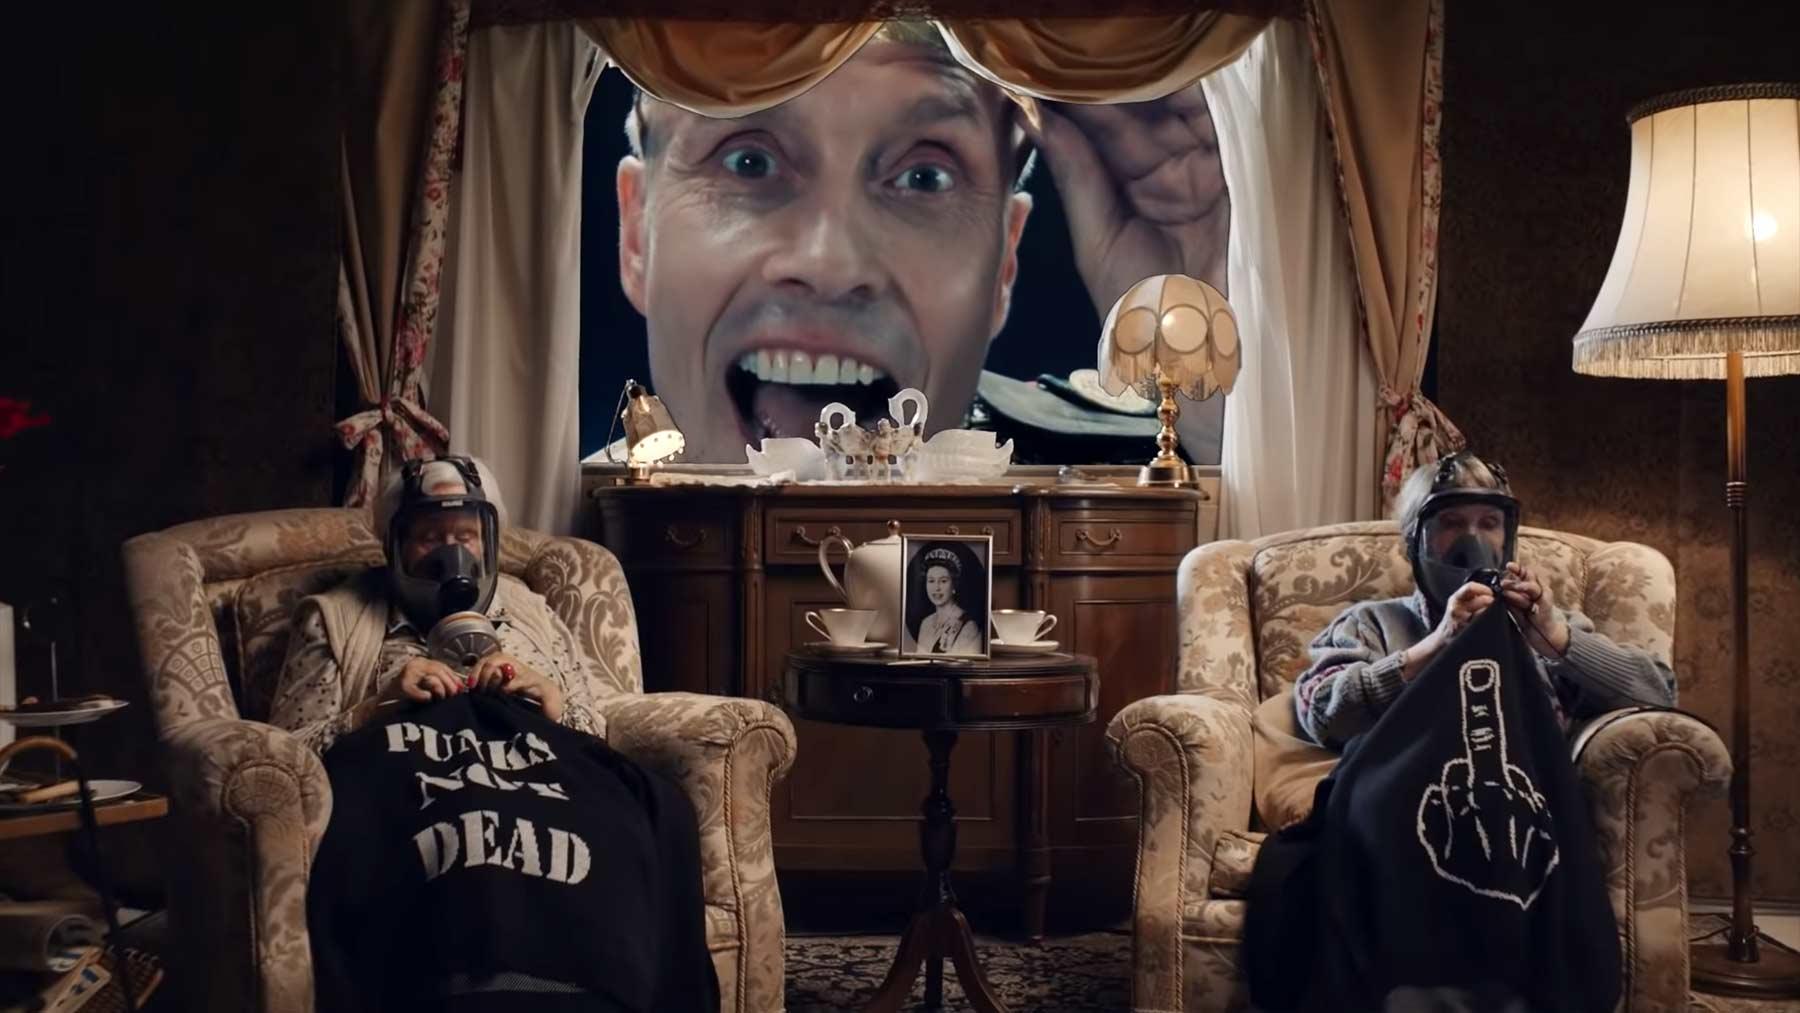 """Musikvideo: die ärzte - """"MORGENS PAUKEN"""" die-aerzte-morgens-pauken-musikvideo"""